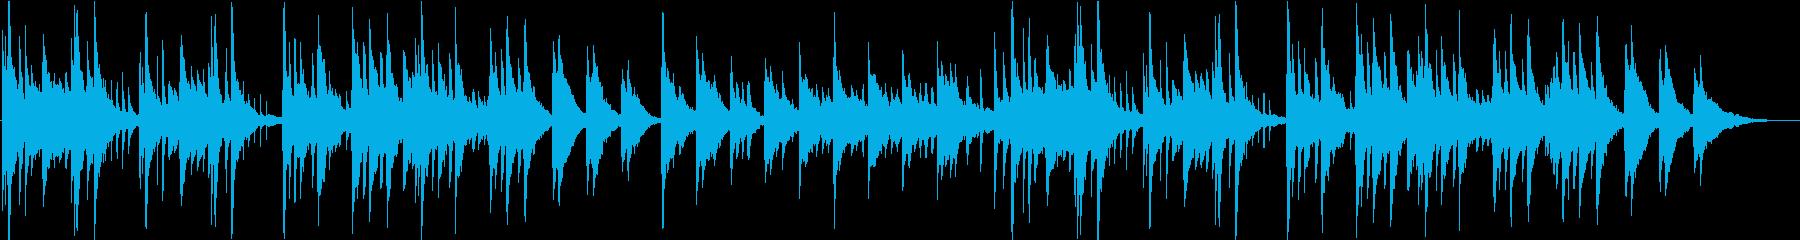 切ないメロディの新感覚ヒーリングピアノの再生済みの波形